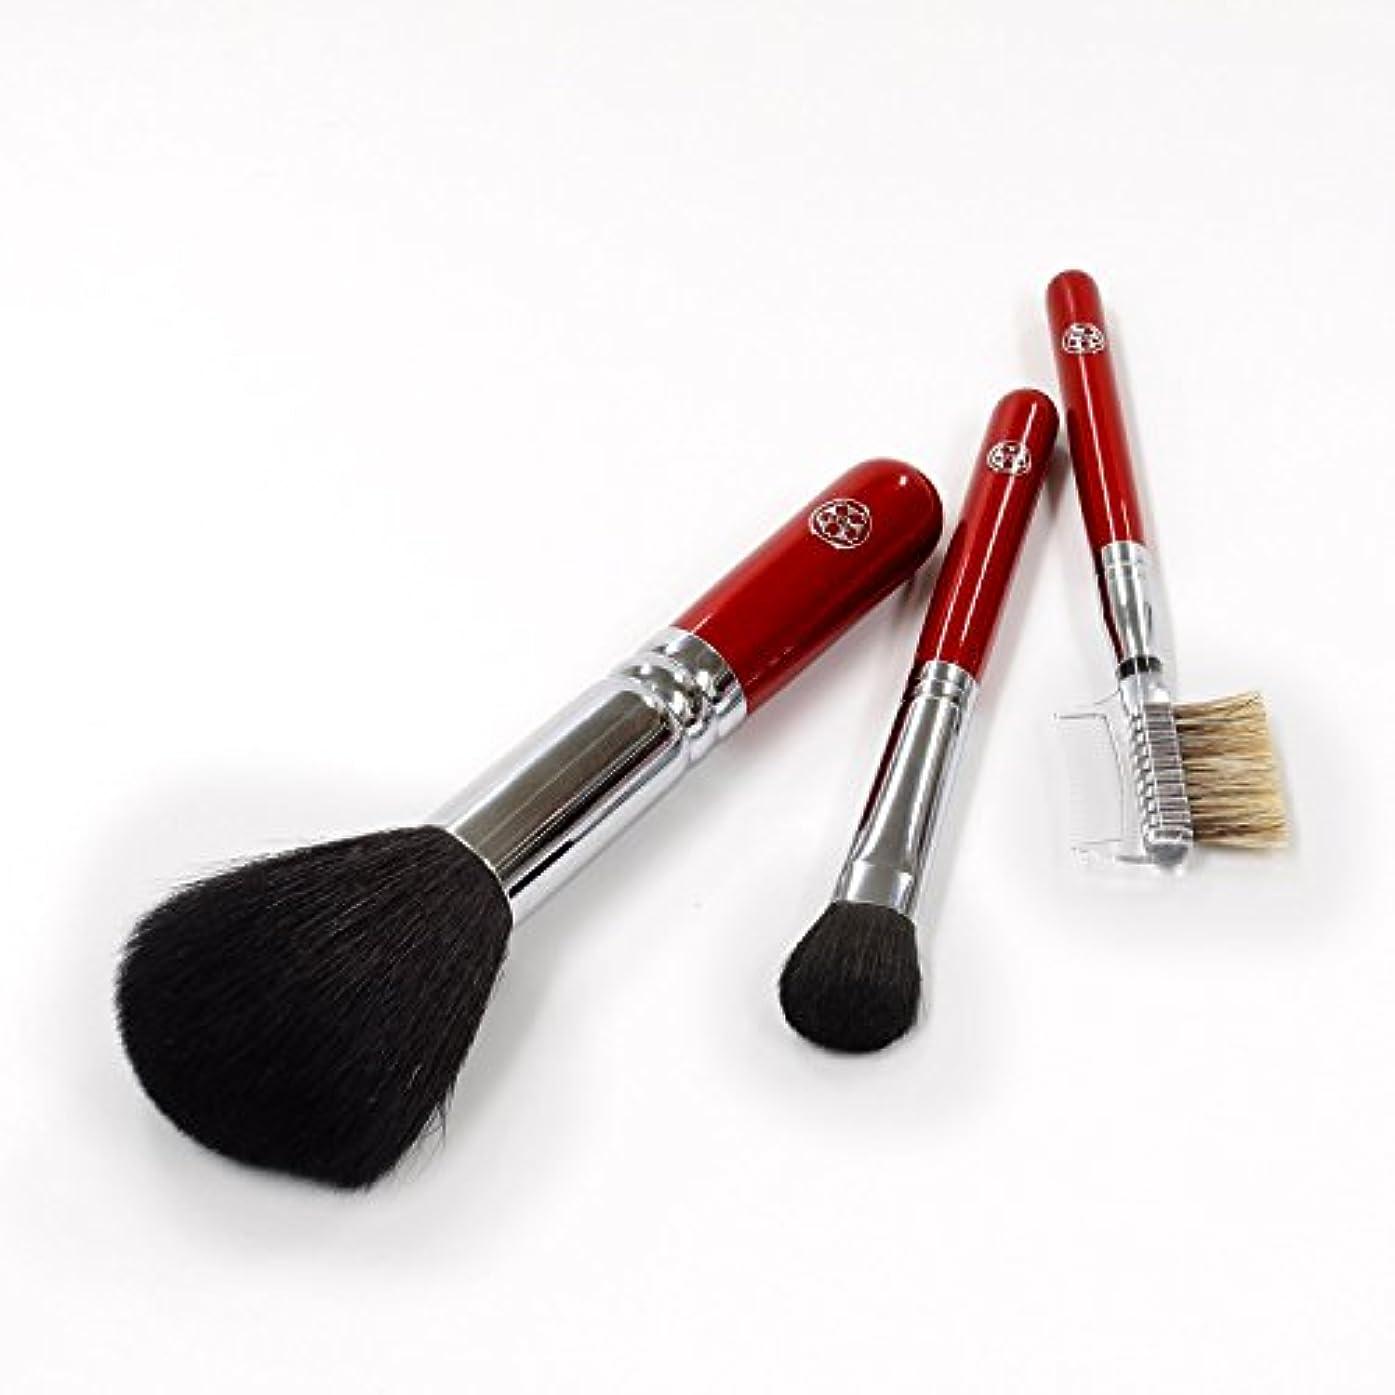 ジレンマゴミキャンドルARRS-S3さくら筆 まずはこの3本から 基本の化粧筆 3本セット パウダー アイシャドー ブラシ&コーム 六角館さくら堂 ロゴ入り 女性の手になじみやすい赤軸ショートタイプ 熊野筆